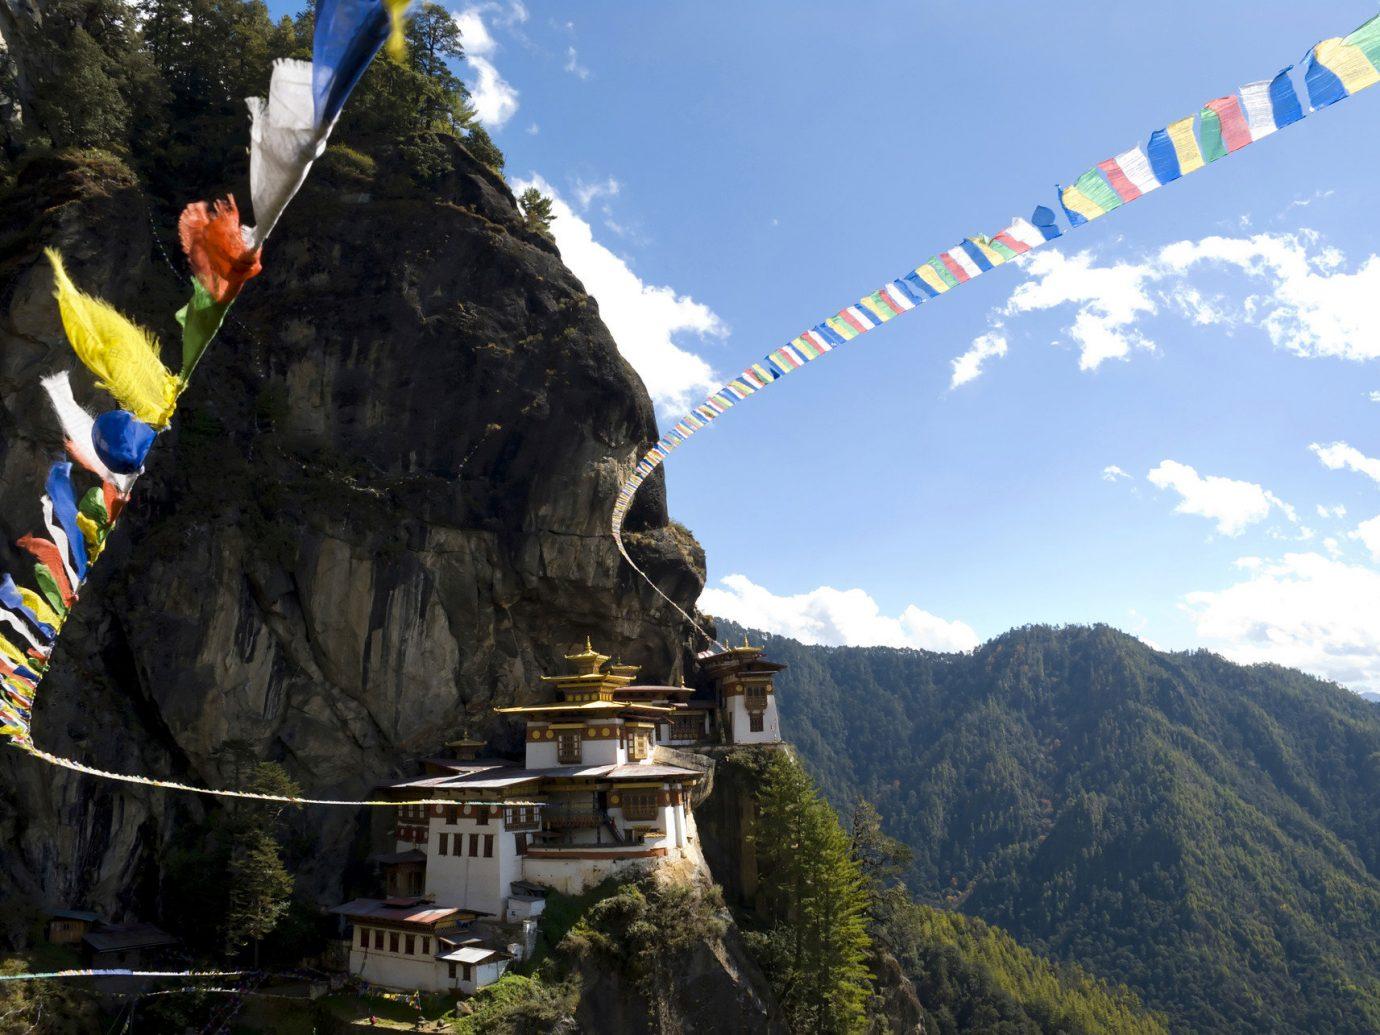 Trip Ideas tree outdoor mountain Adventure tourism mountain range extreme sport colorful